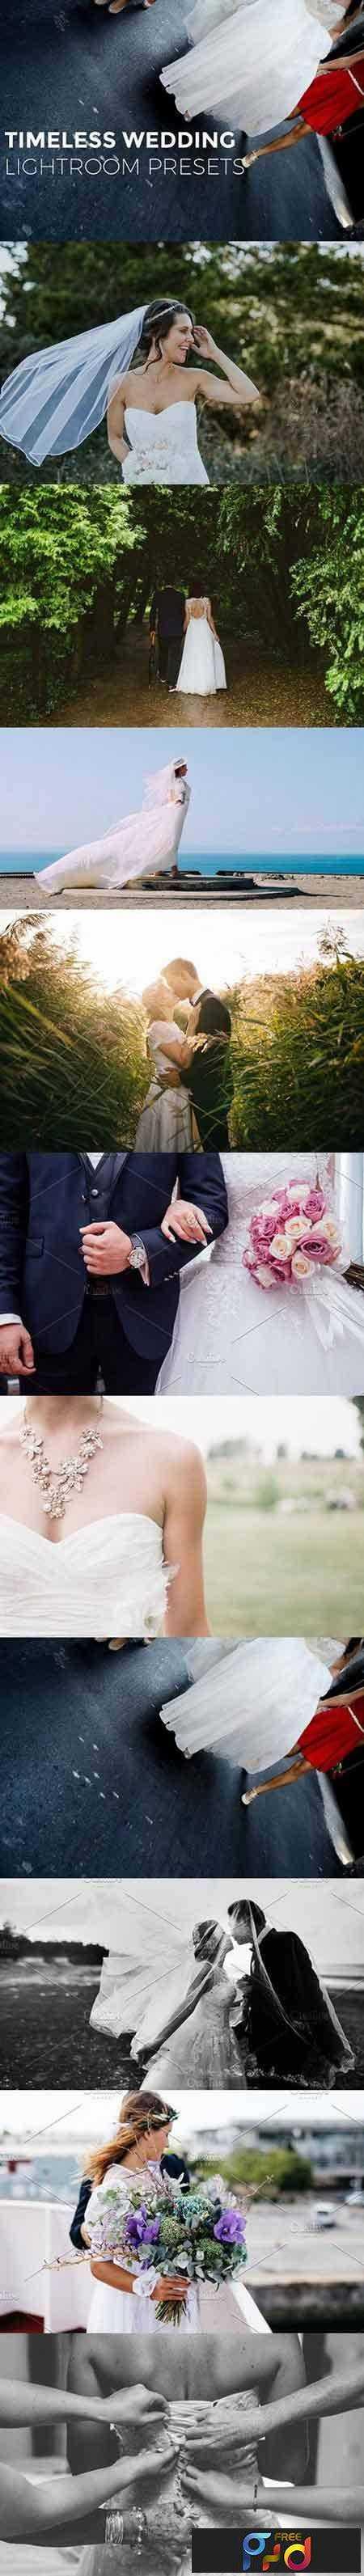 FreePsdVn.com_1703269_LIGHTROOM_lightroom_wedding_presets_bunddle_1323027